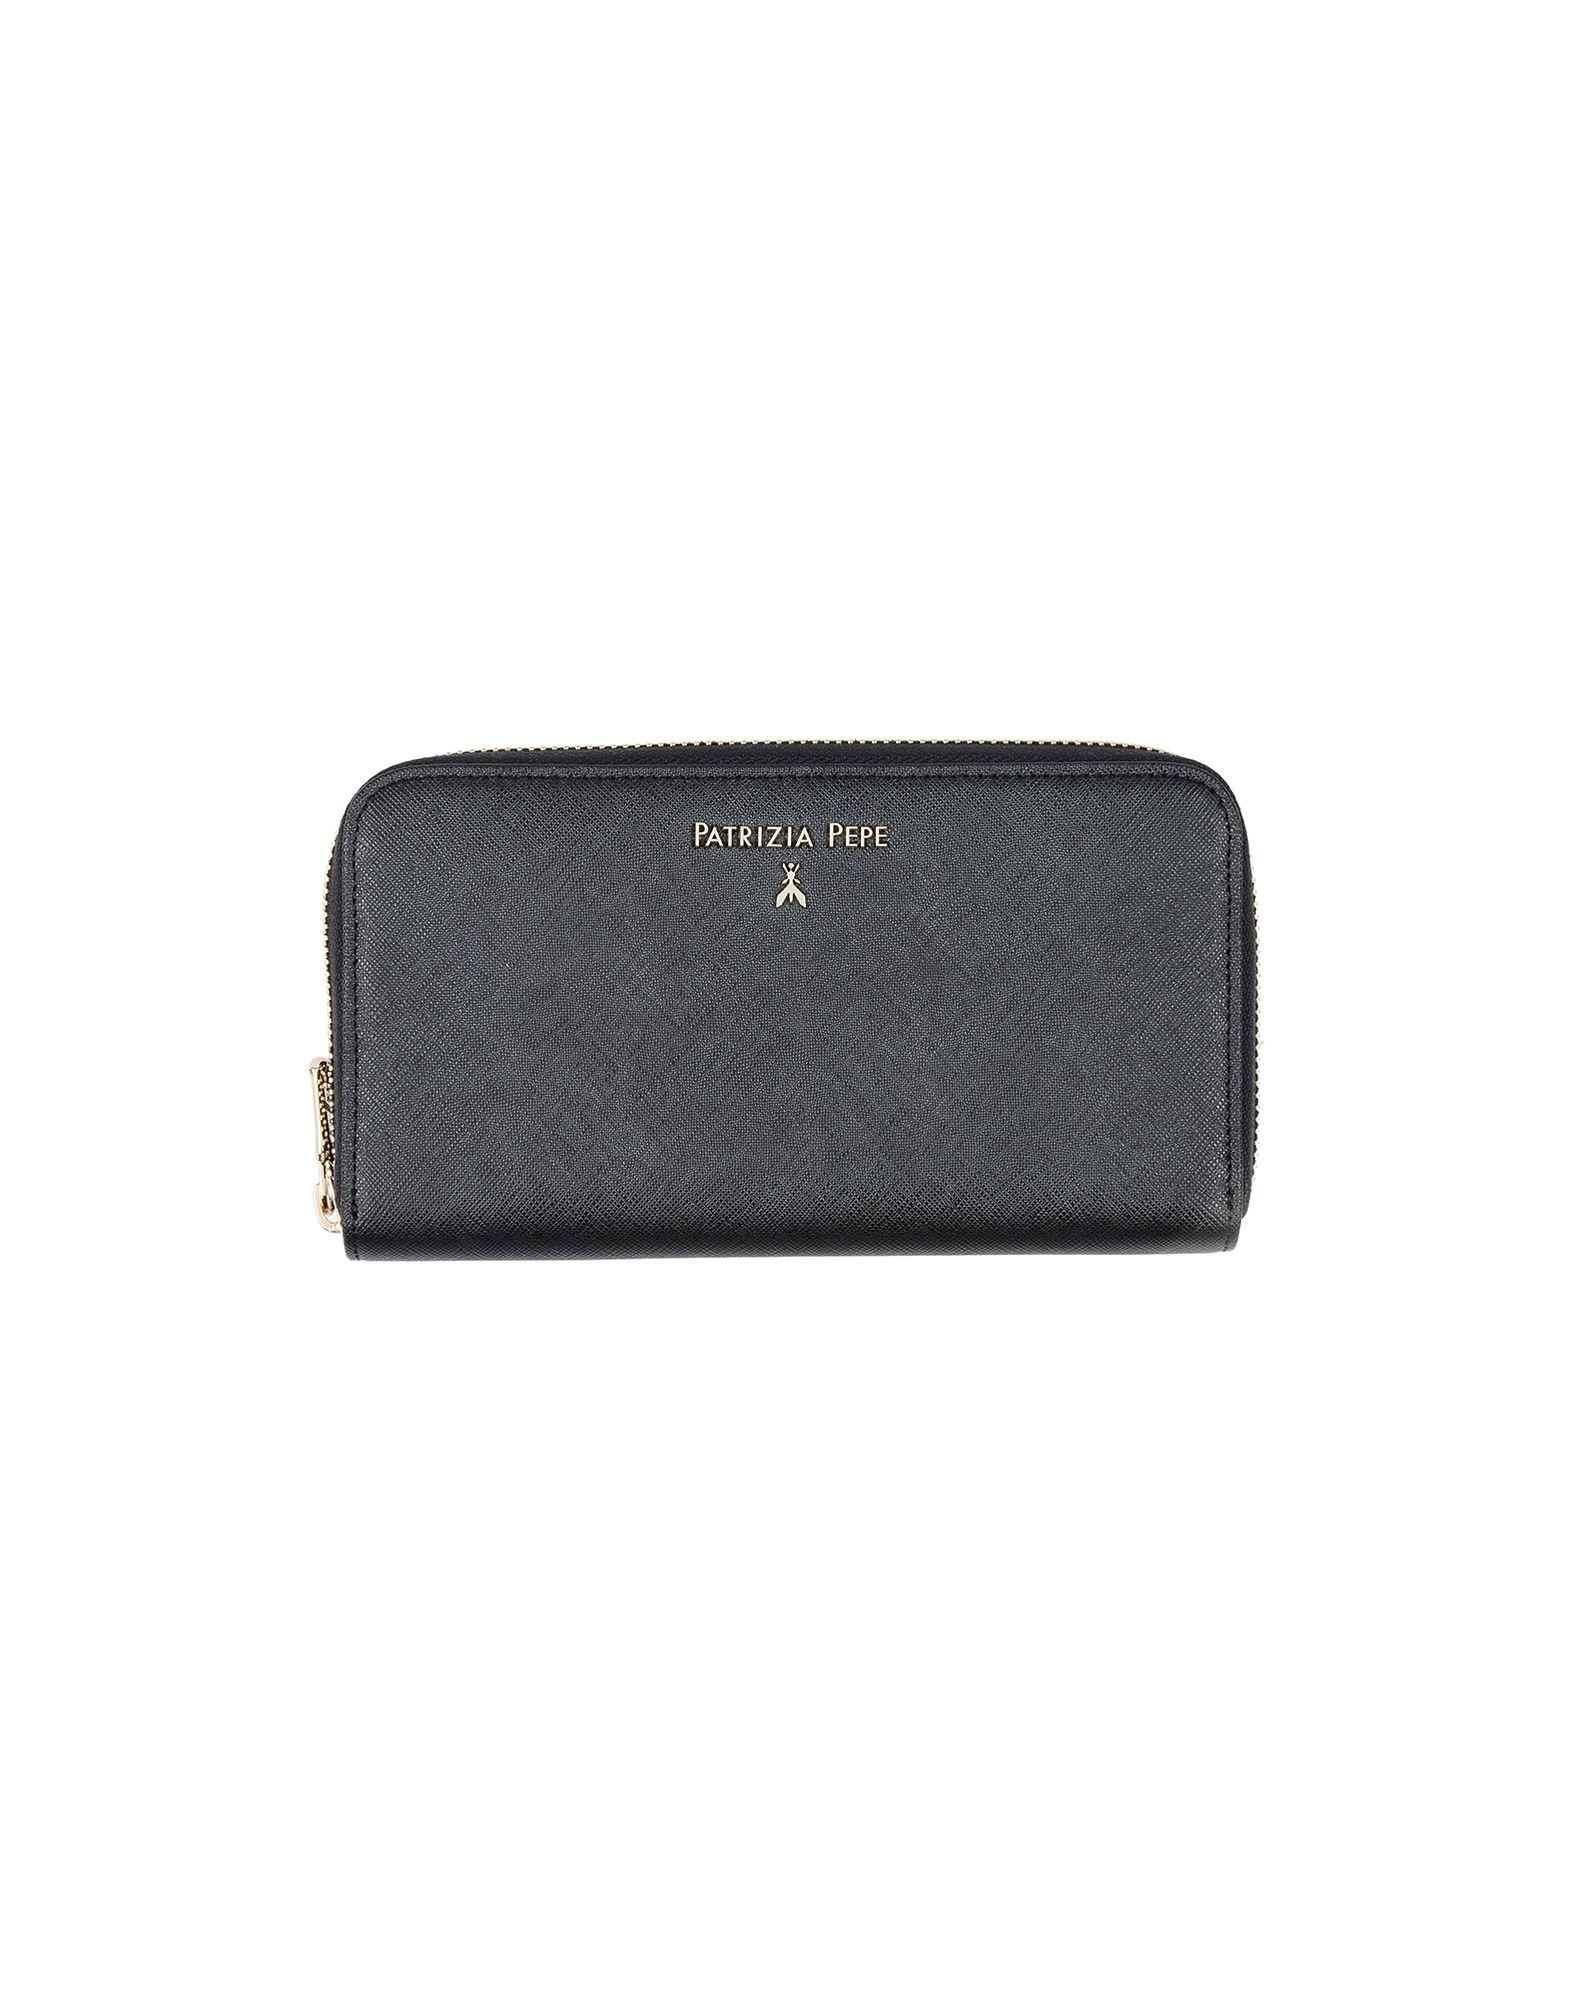 《送料無料》PATRIZIA PEPE レディース 財布 ブラック 革